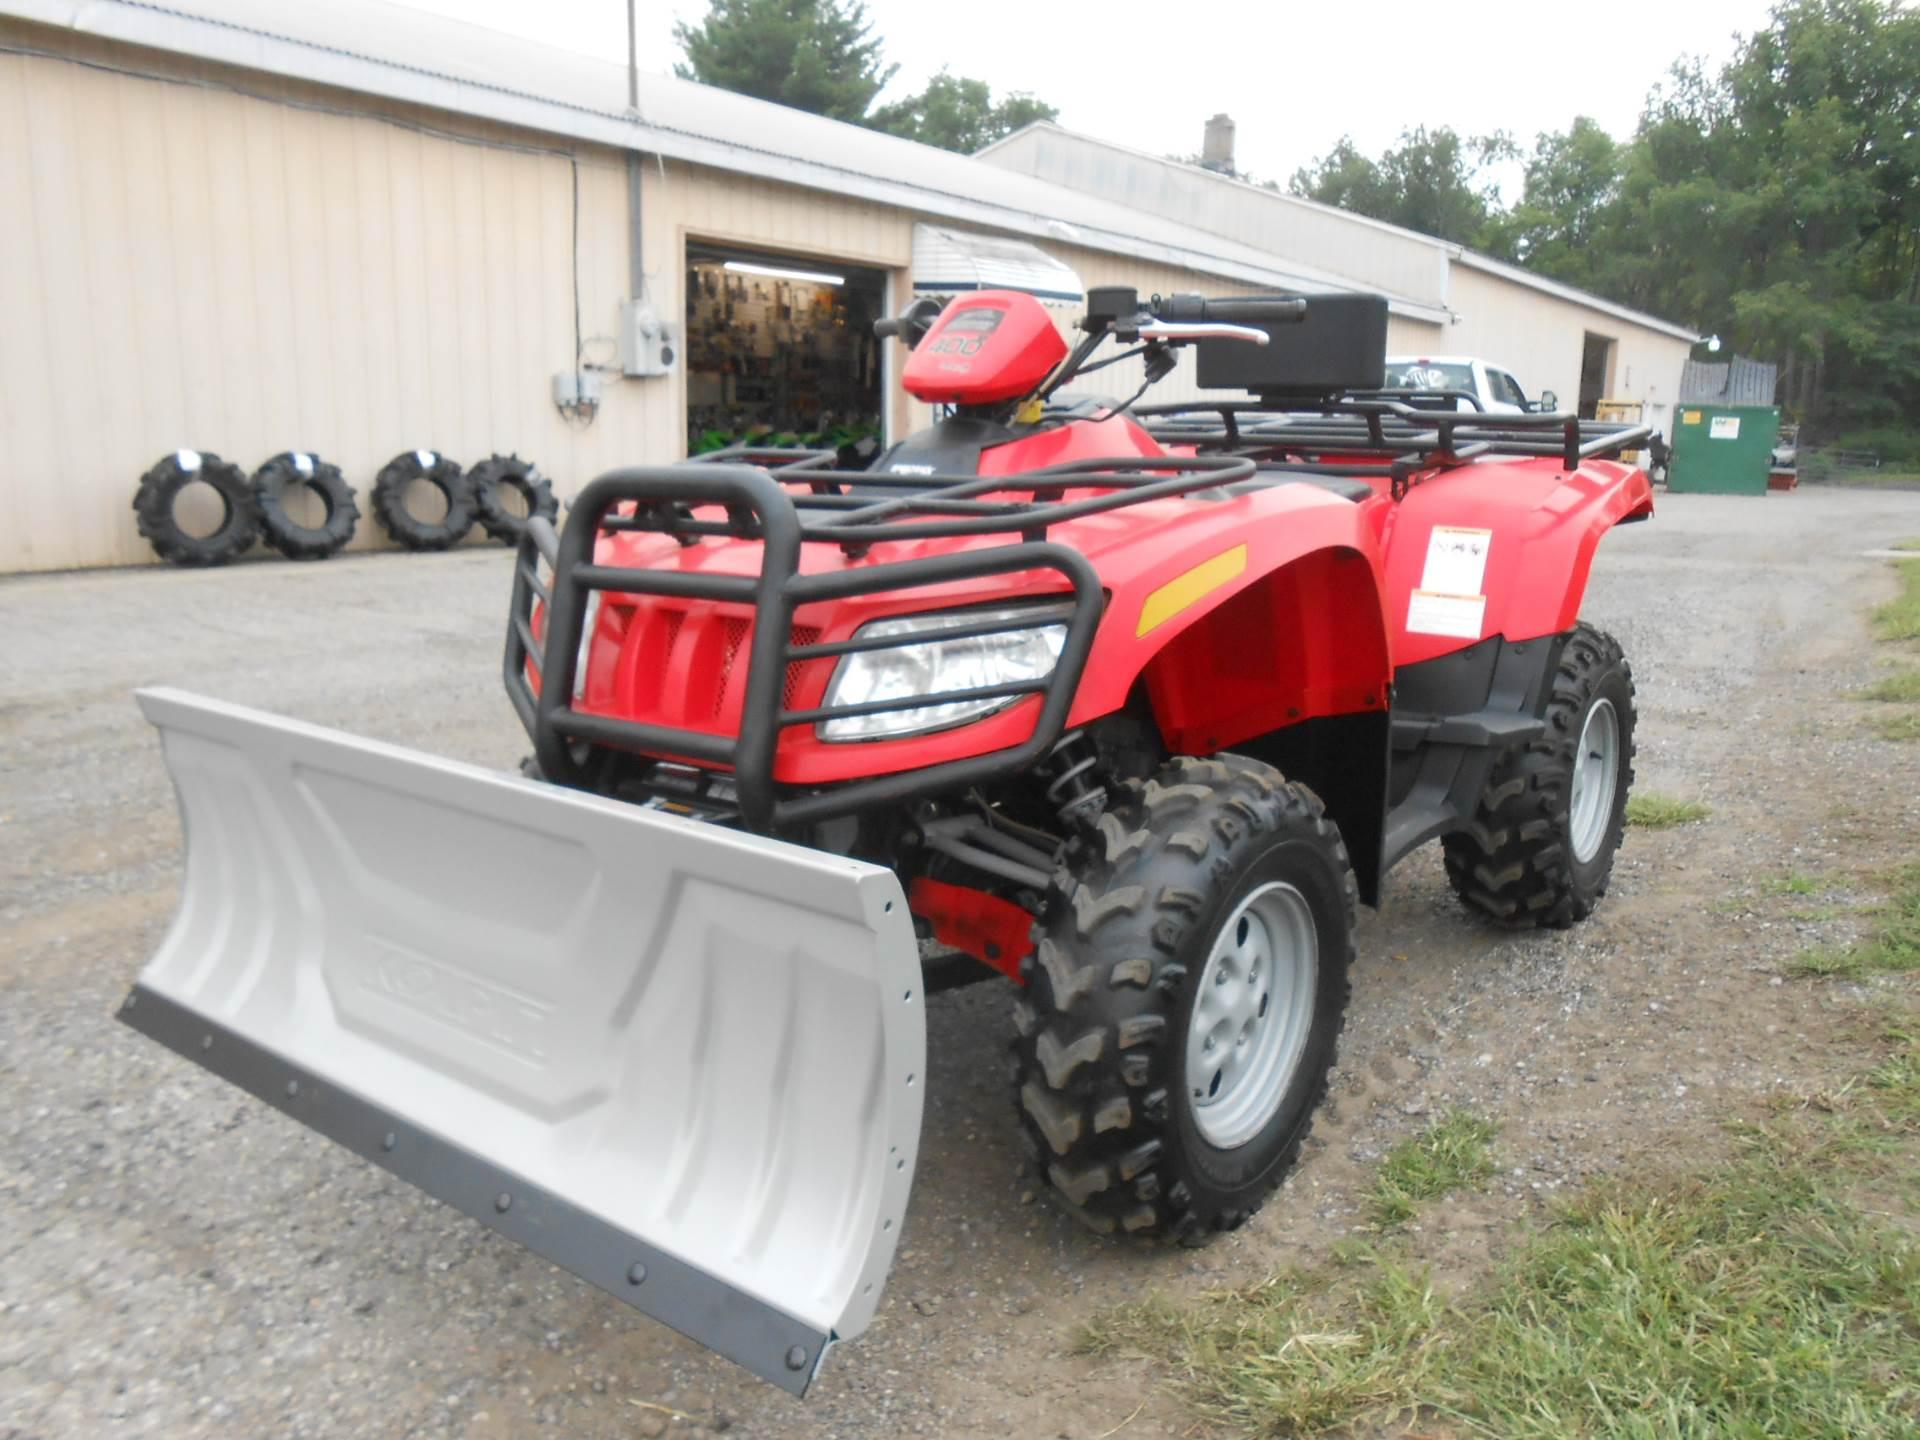 2009 TRV 400